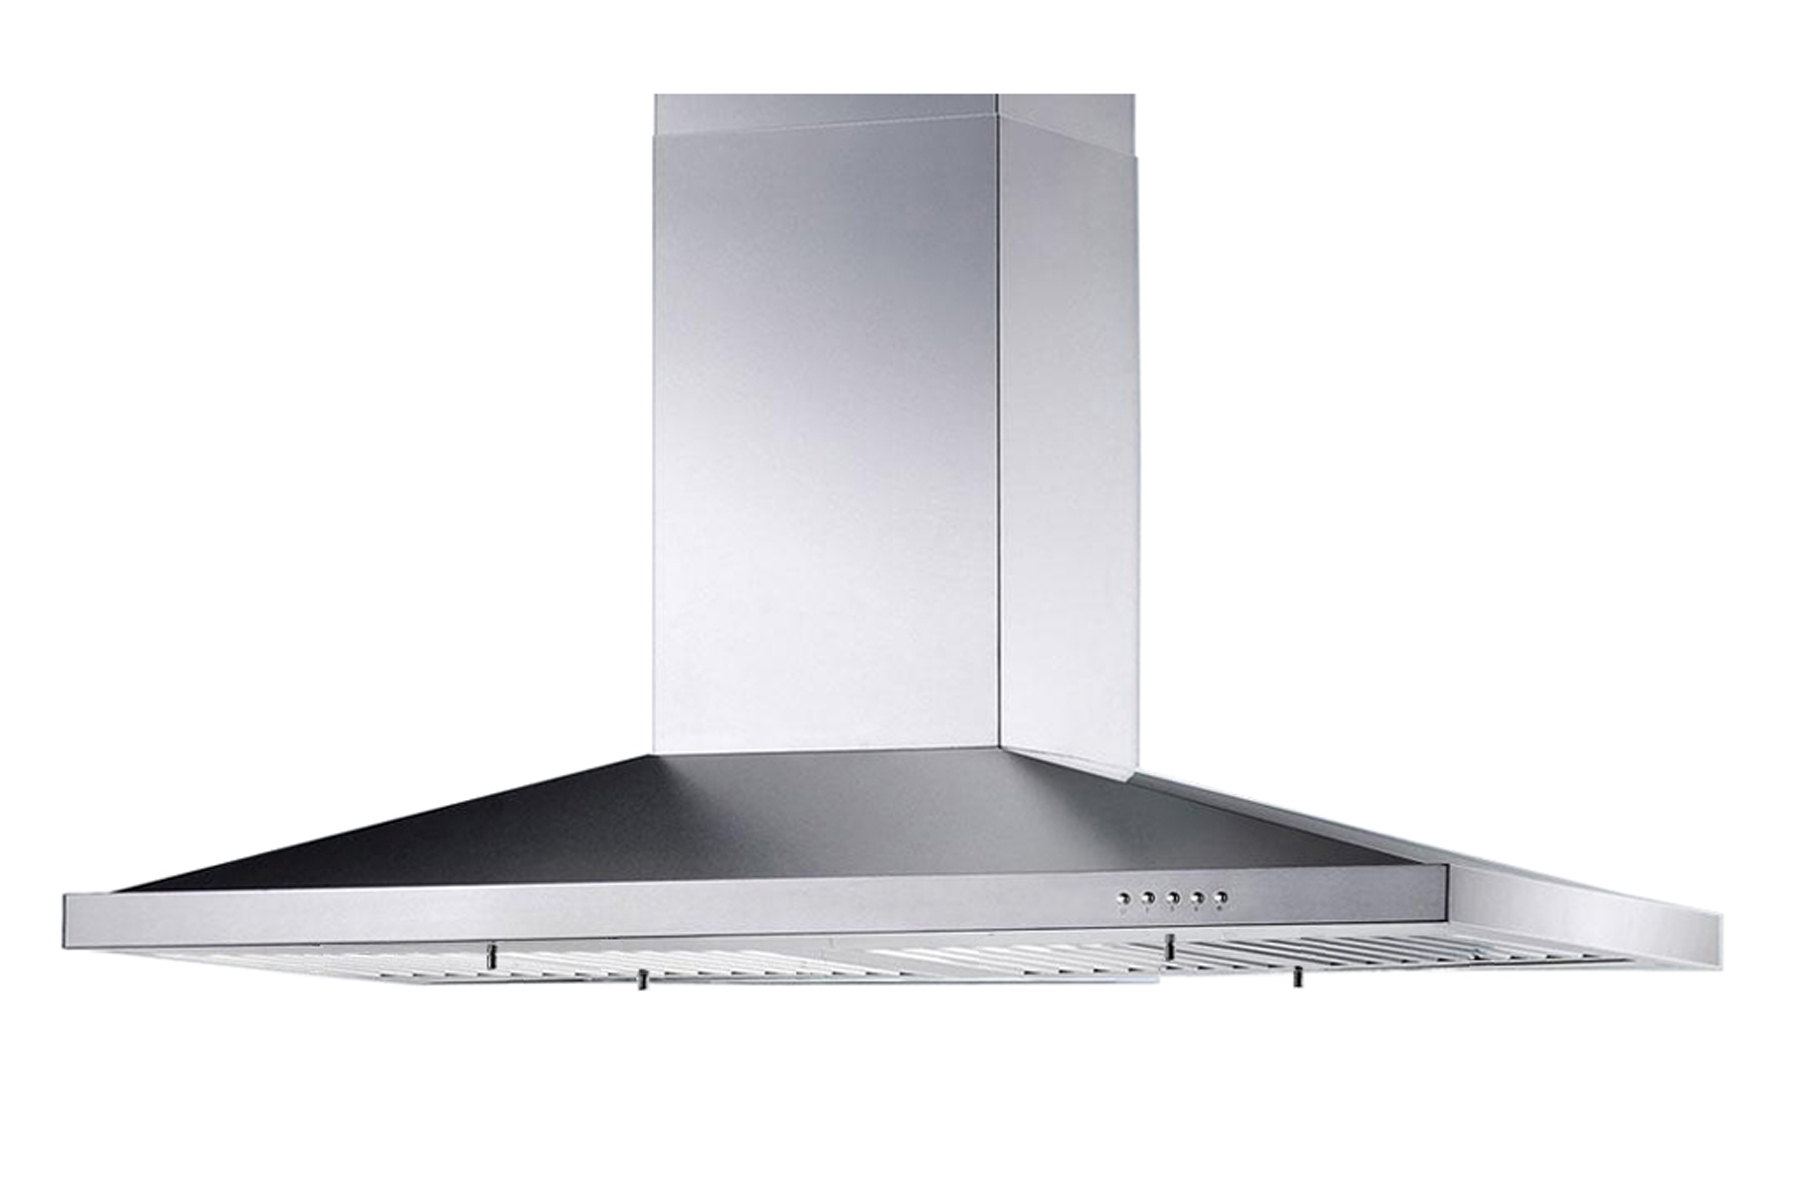 stainless steel 36 kitchen range hood island 3 speeds stove ventilation system ebay. Black Bedroom Furniture Sets. Home Design Ideas